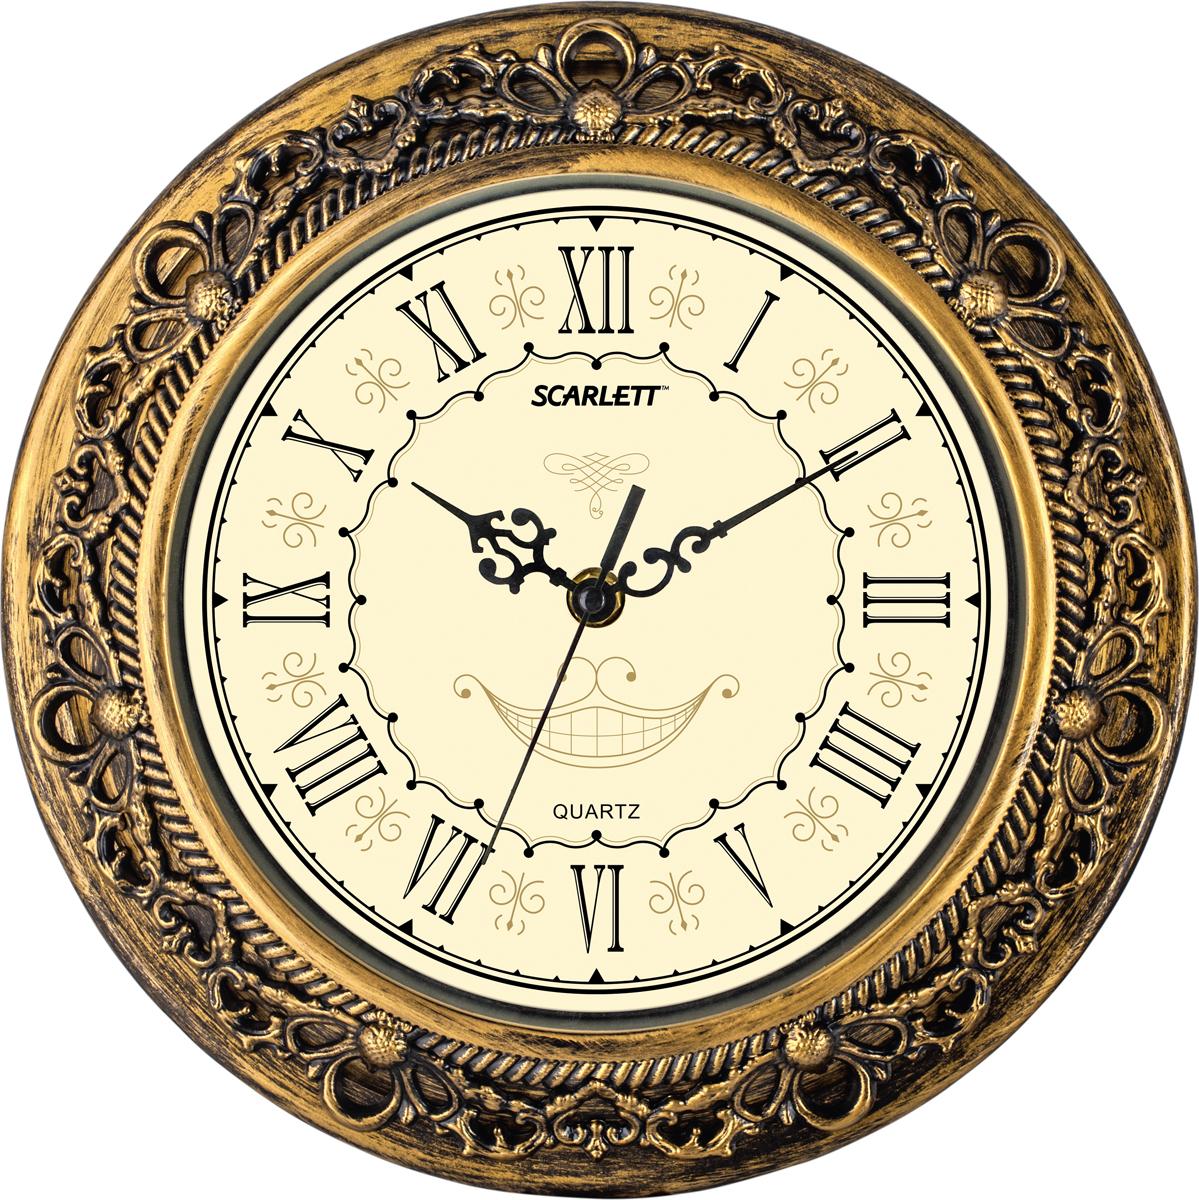 Scarlett SC-WC1007I часы настенныеSC-WC1007IКварцевый механизм Плавный бесшумный ход Материал корпуса - пластик Относительная влажность помещения от 30% до 80% Температура: от 1°С до 45°С